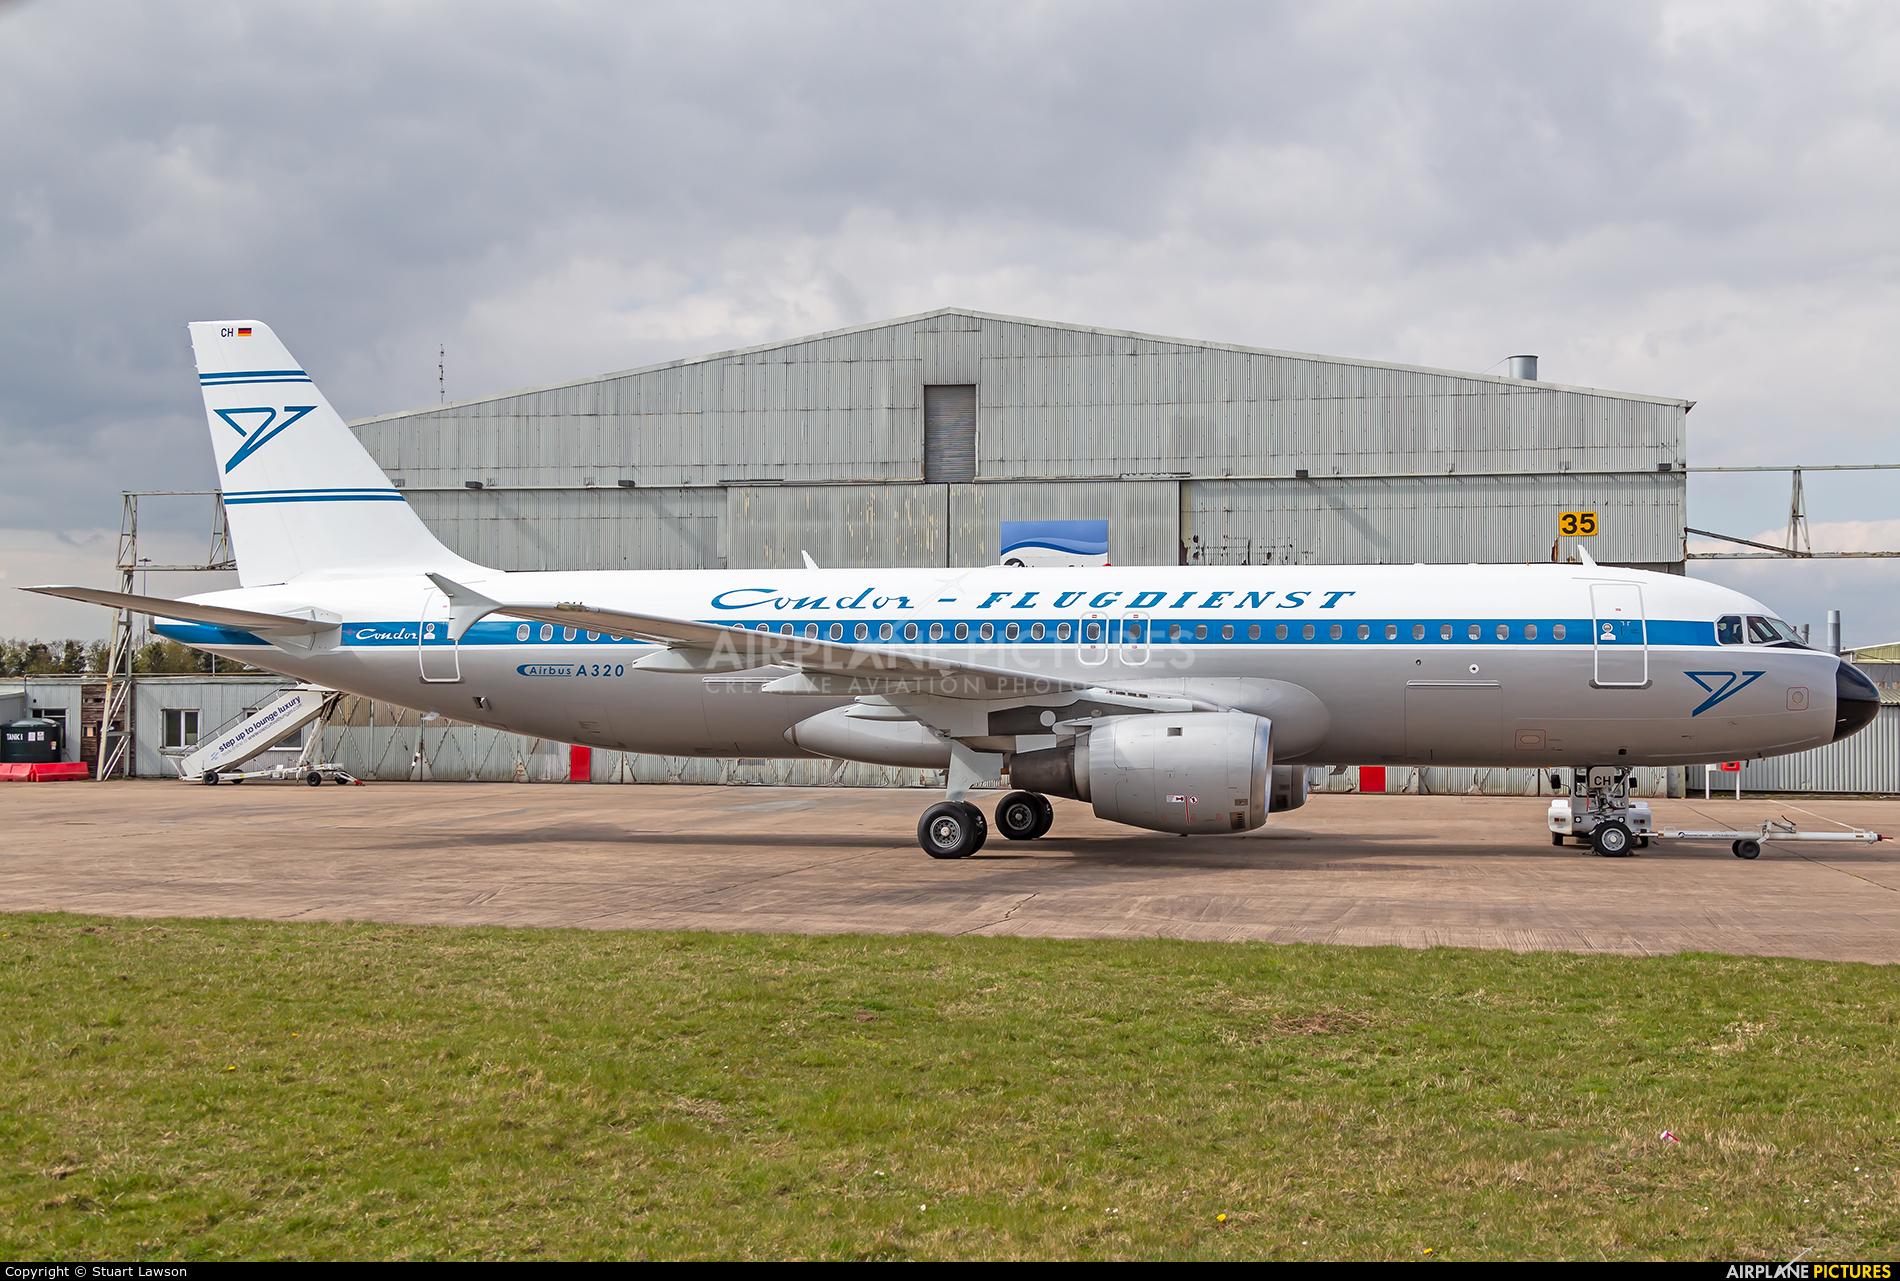 Condor D-AICH aircraft at East Midlands